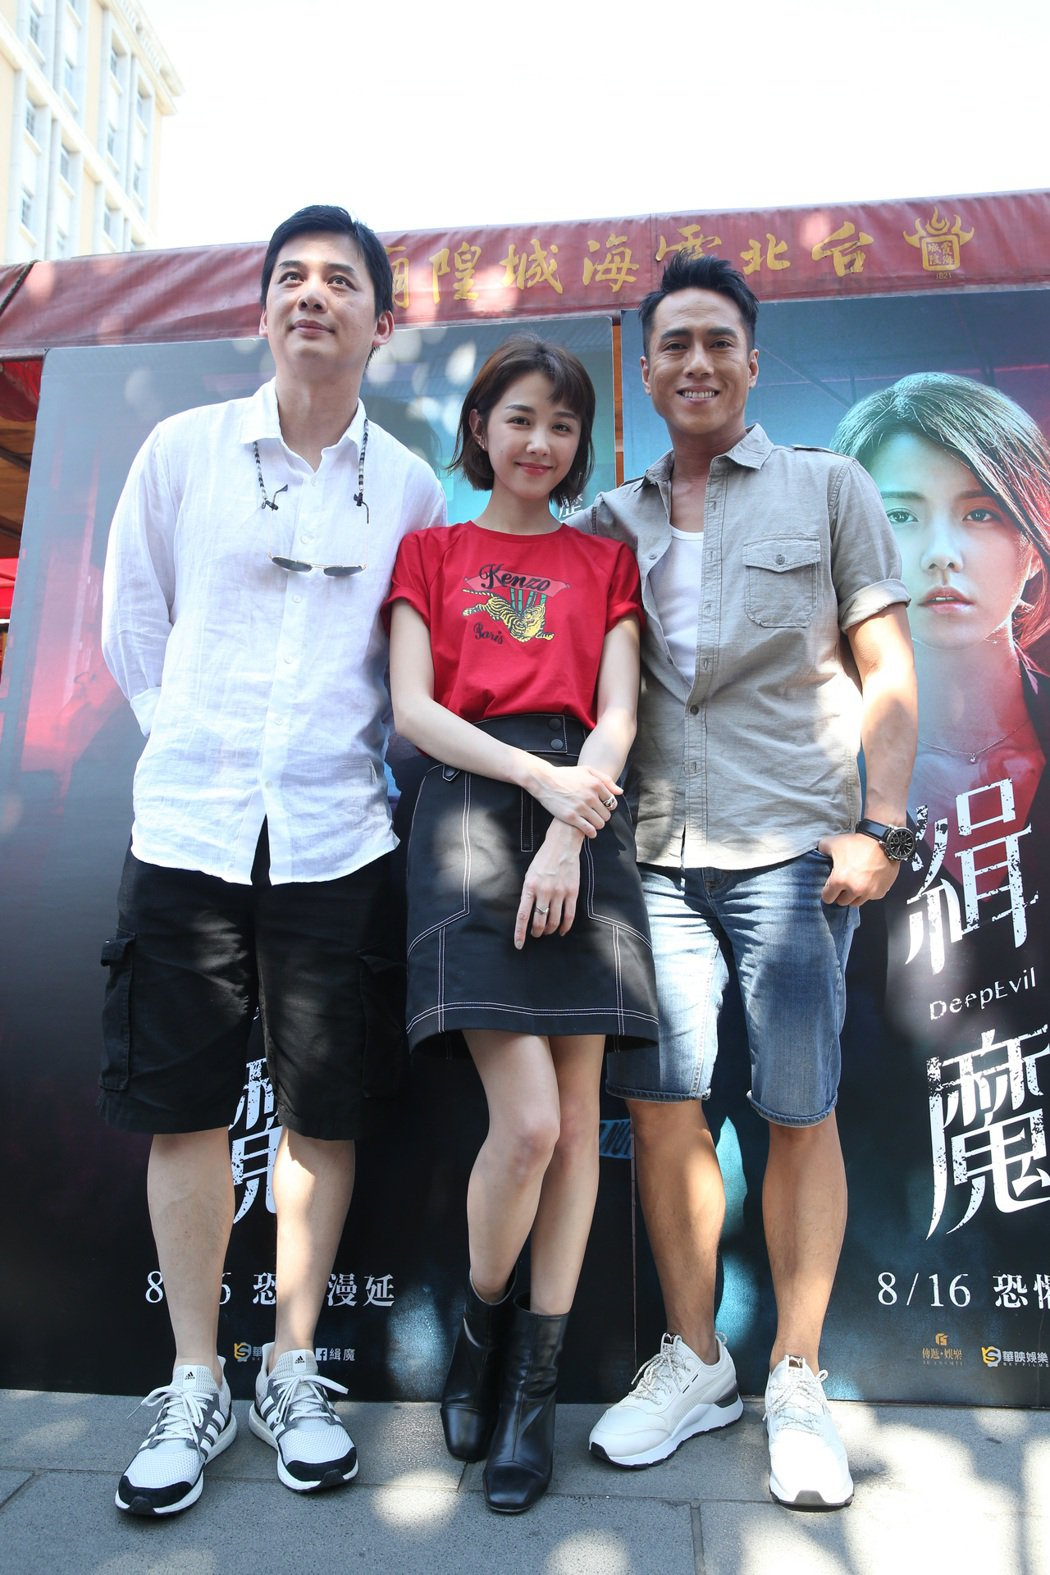 導演盧豐淵(左)與演員莊凱勛(右)、邵雨薇(中)出席電影《緝魔》專車祈福活動,三